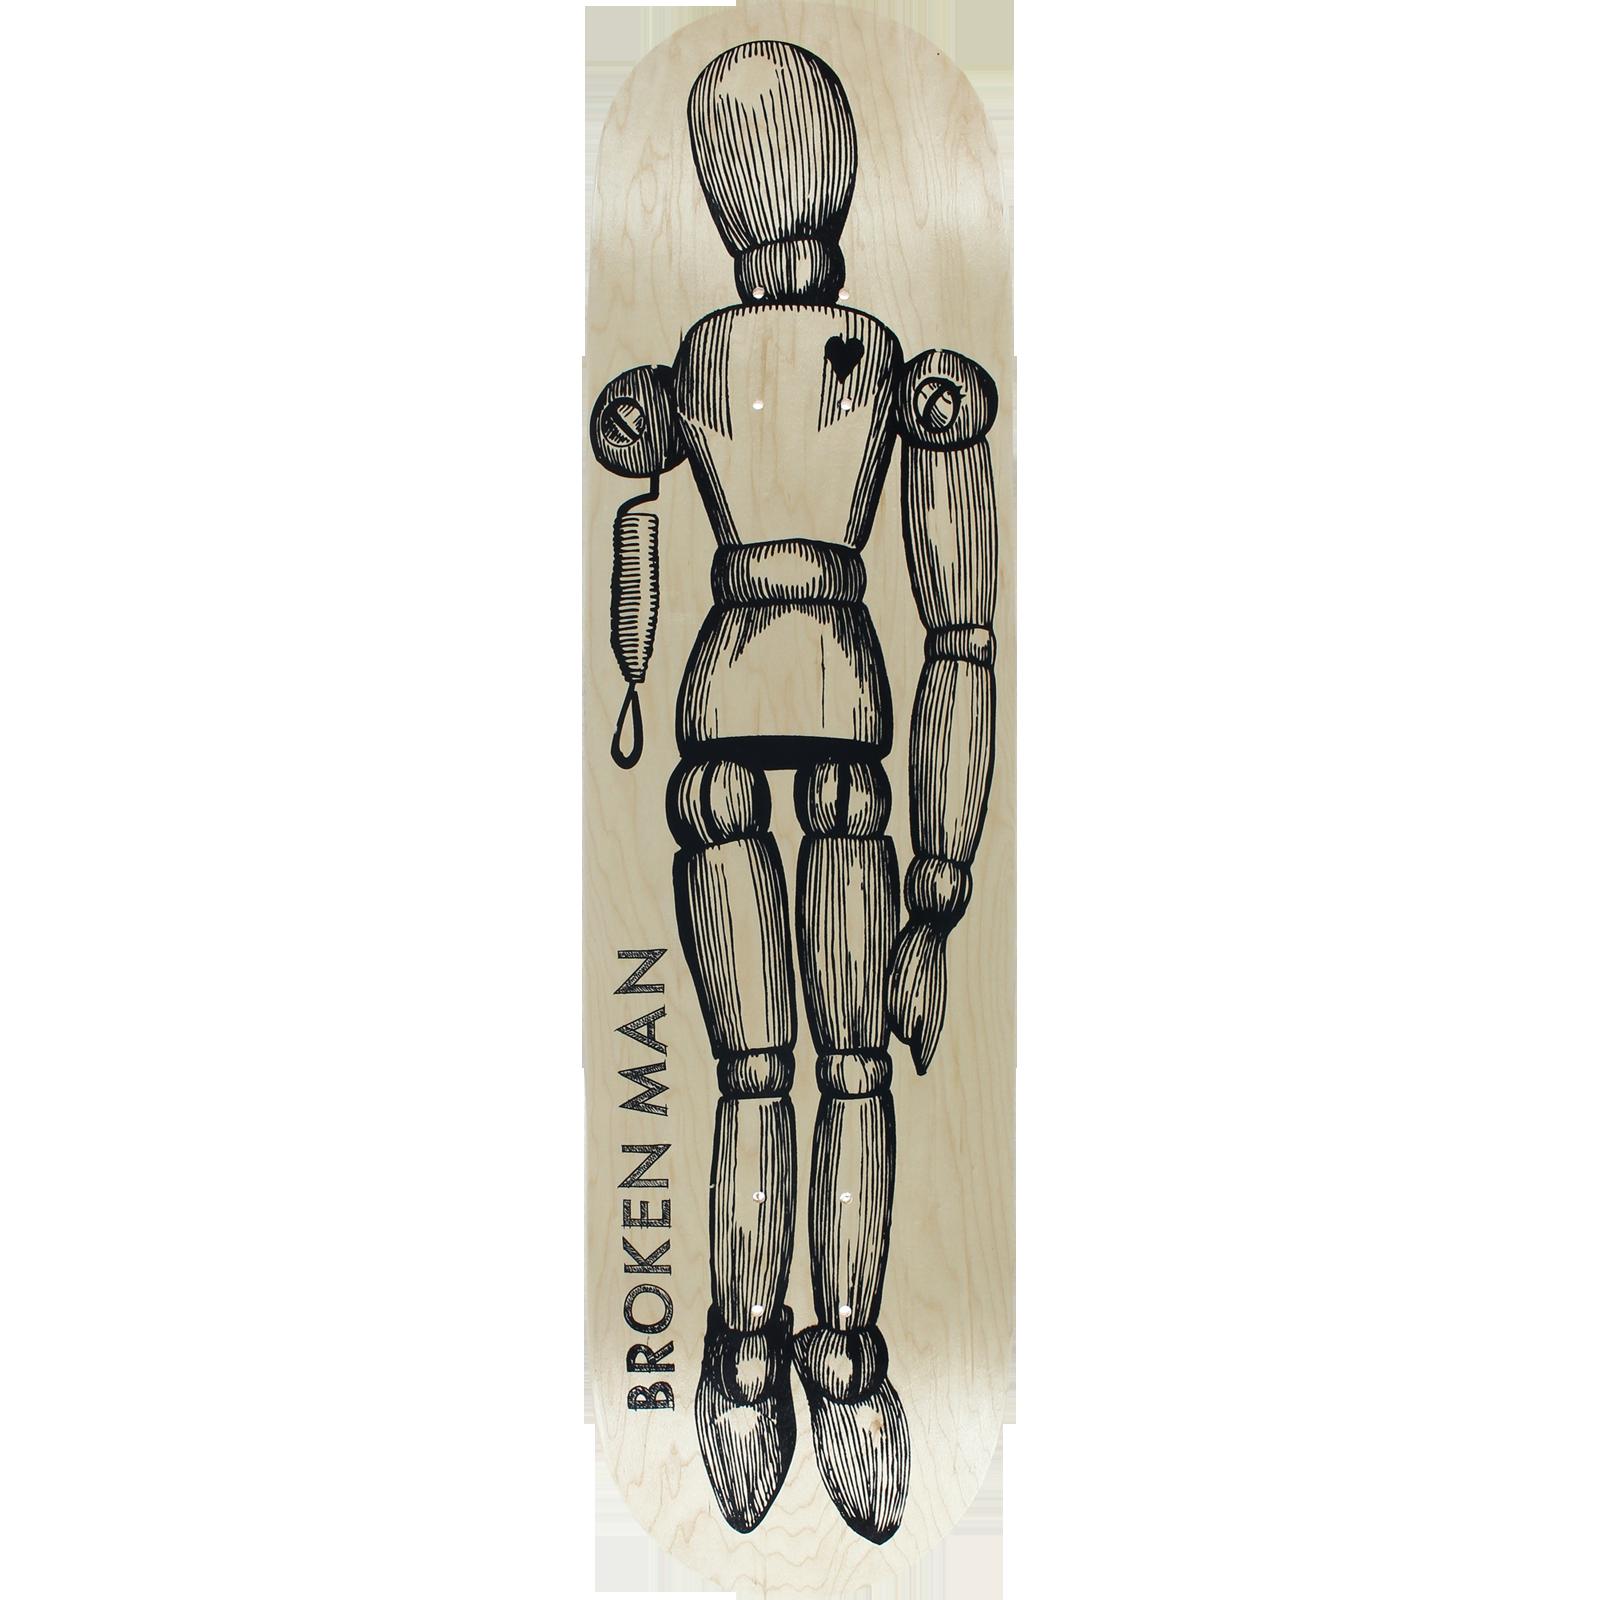 1600x1600 Hurt Life Broken Man Skateboard Deck 8.25 Naturalural Deck Only